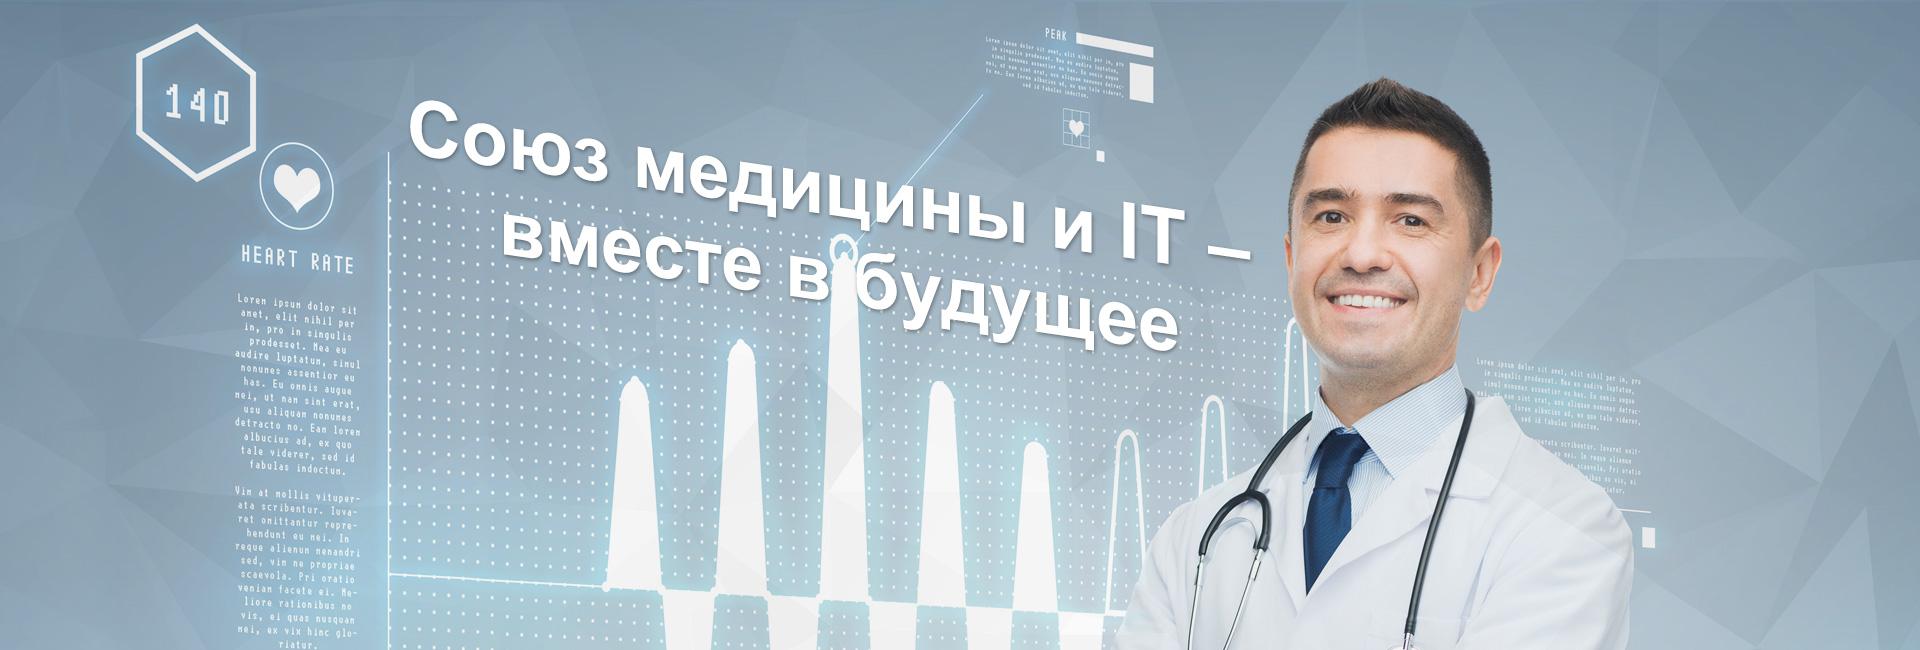 Союз медицины и IT – вместе в будущее